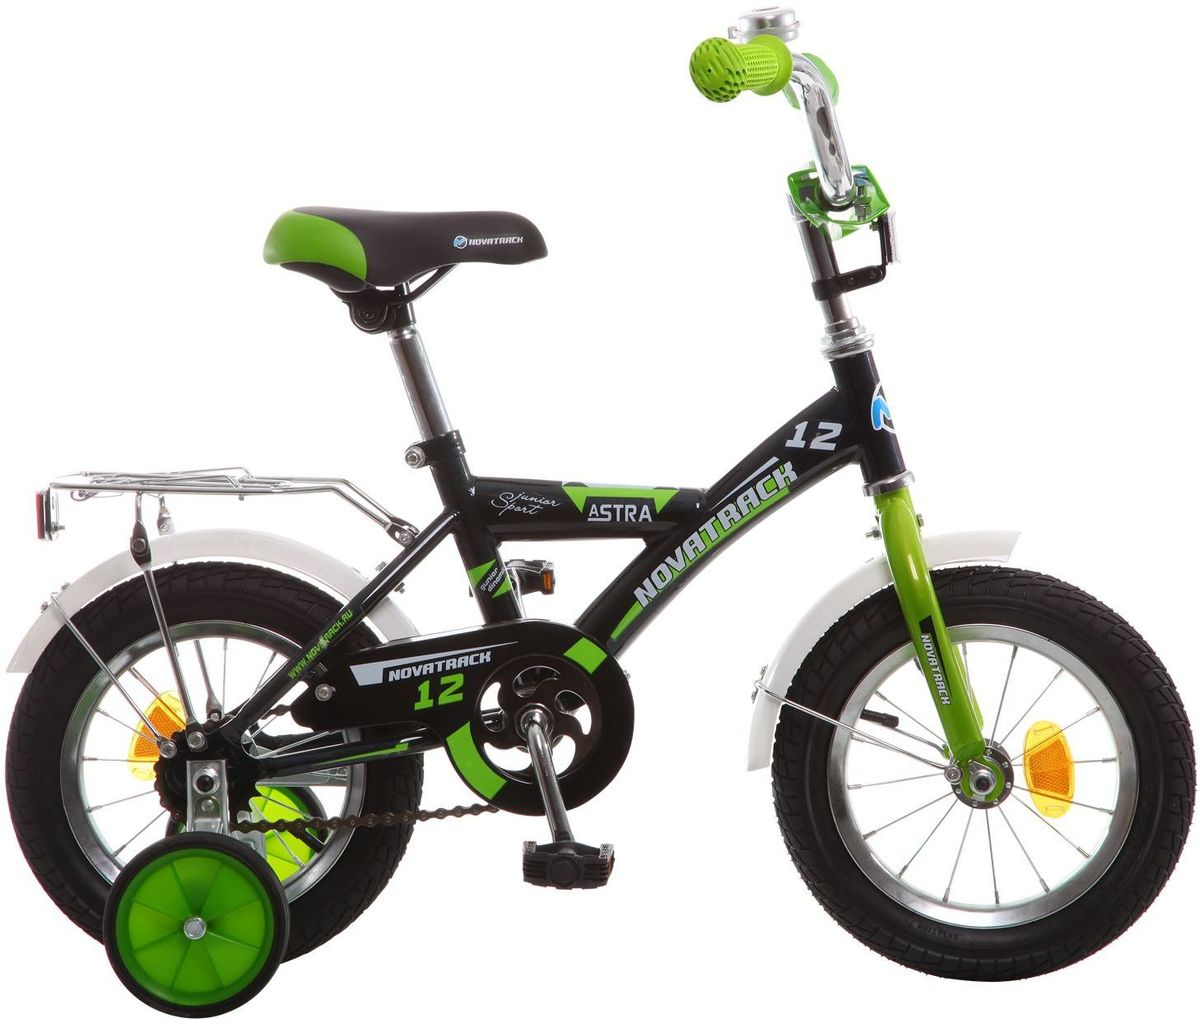 Велосипед детский Novatrack Astra, цвет: черный, зеленый, 12123ASTRA.BK5Хотите, чтобы ваш ребенок играя укреплял здоровье? Тогда ему нужен удобный и надежный велосипед Novatrack Astra, рассчитанный на малышей 2-4 лет. Одного взгляда малыша хватит, чтобы раз и навсегда влюбиться в свой новенький двухколесный транспорт, который сначала можно назвать и четырехколесным. Дополнительную устойчивость железному коню обеспечивают два маленьких съемных колеса в цвет велосипеда. Велосипед собран на базе рамы с универсальной геометрией, которая позволяет легко взобраться или слезть с велосипеда, при этом велосипед имеет такой вес, что маленький ребенок сам легко справляется со своим транспортным средством. Так как велосипед предназначен для самых маленьких, предусмотрен ограничитель поворота руля, который не позволит сильно завернуть руль и упасть. Еще один элемент безопасности - это защита цепи, которая оберегает одежду и ноги малыша от попадания в механизм. Стильные крылья защитят от грязи и брызг, а на багажнике ребенок сможет перевозить массу полезных в дороге вещей. Данная модель маневренна и легко управляется, поэтому ребенку будет несложно и интересно учиться езде.